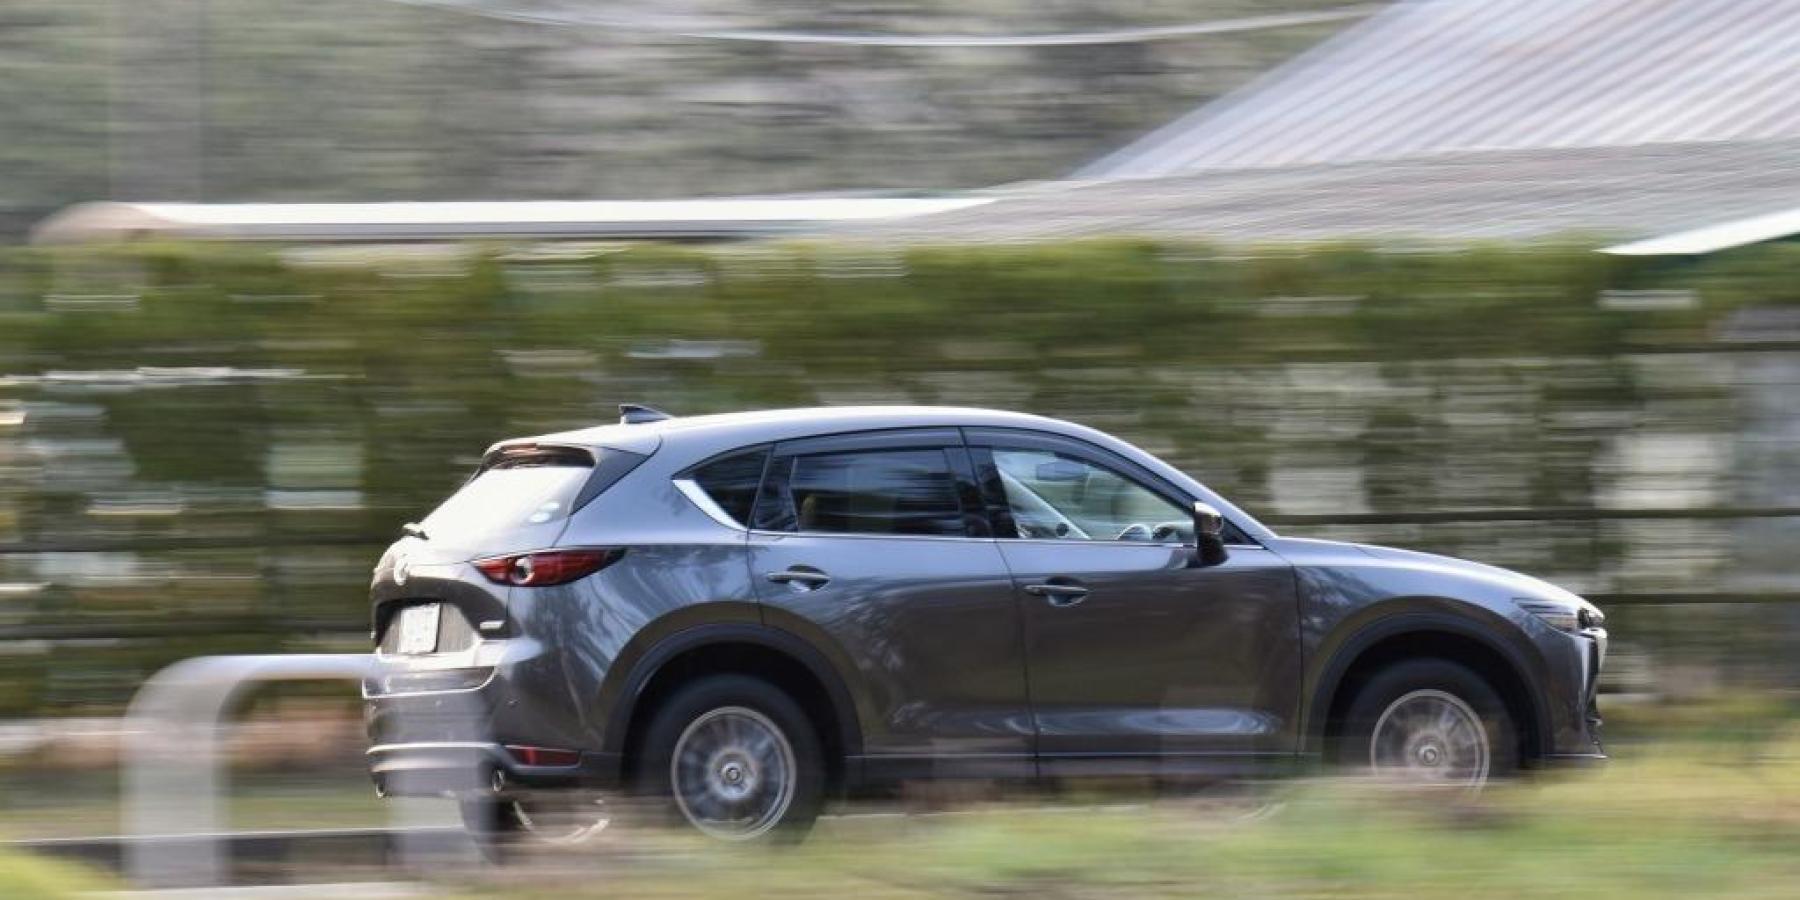 Erste Erkenntnisse nach Unfallflucht – Wer kann Angaben zu einem beschädigten Mazda machen?